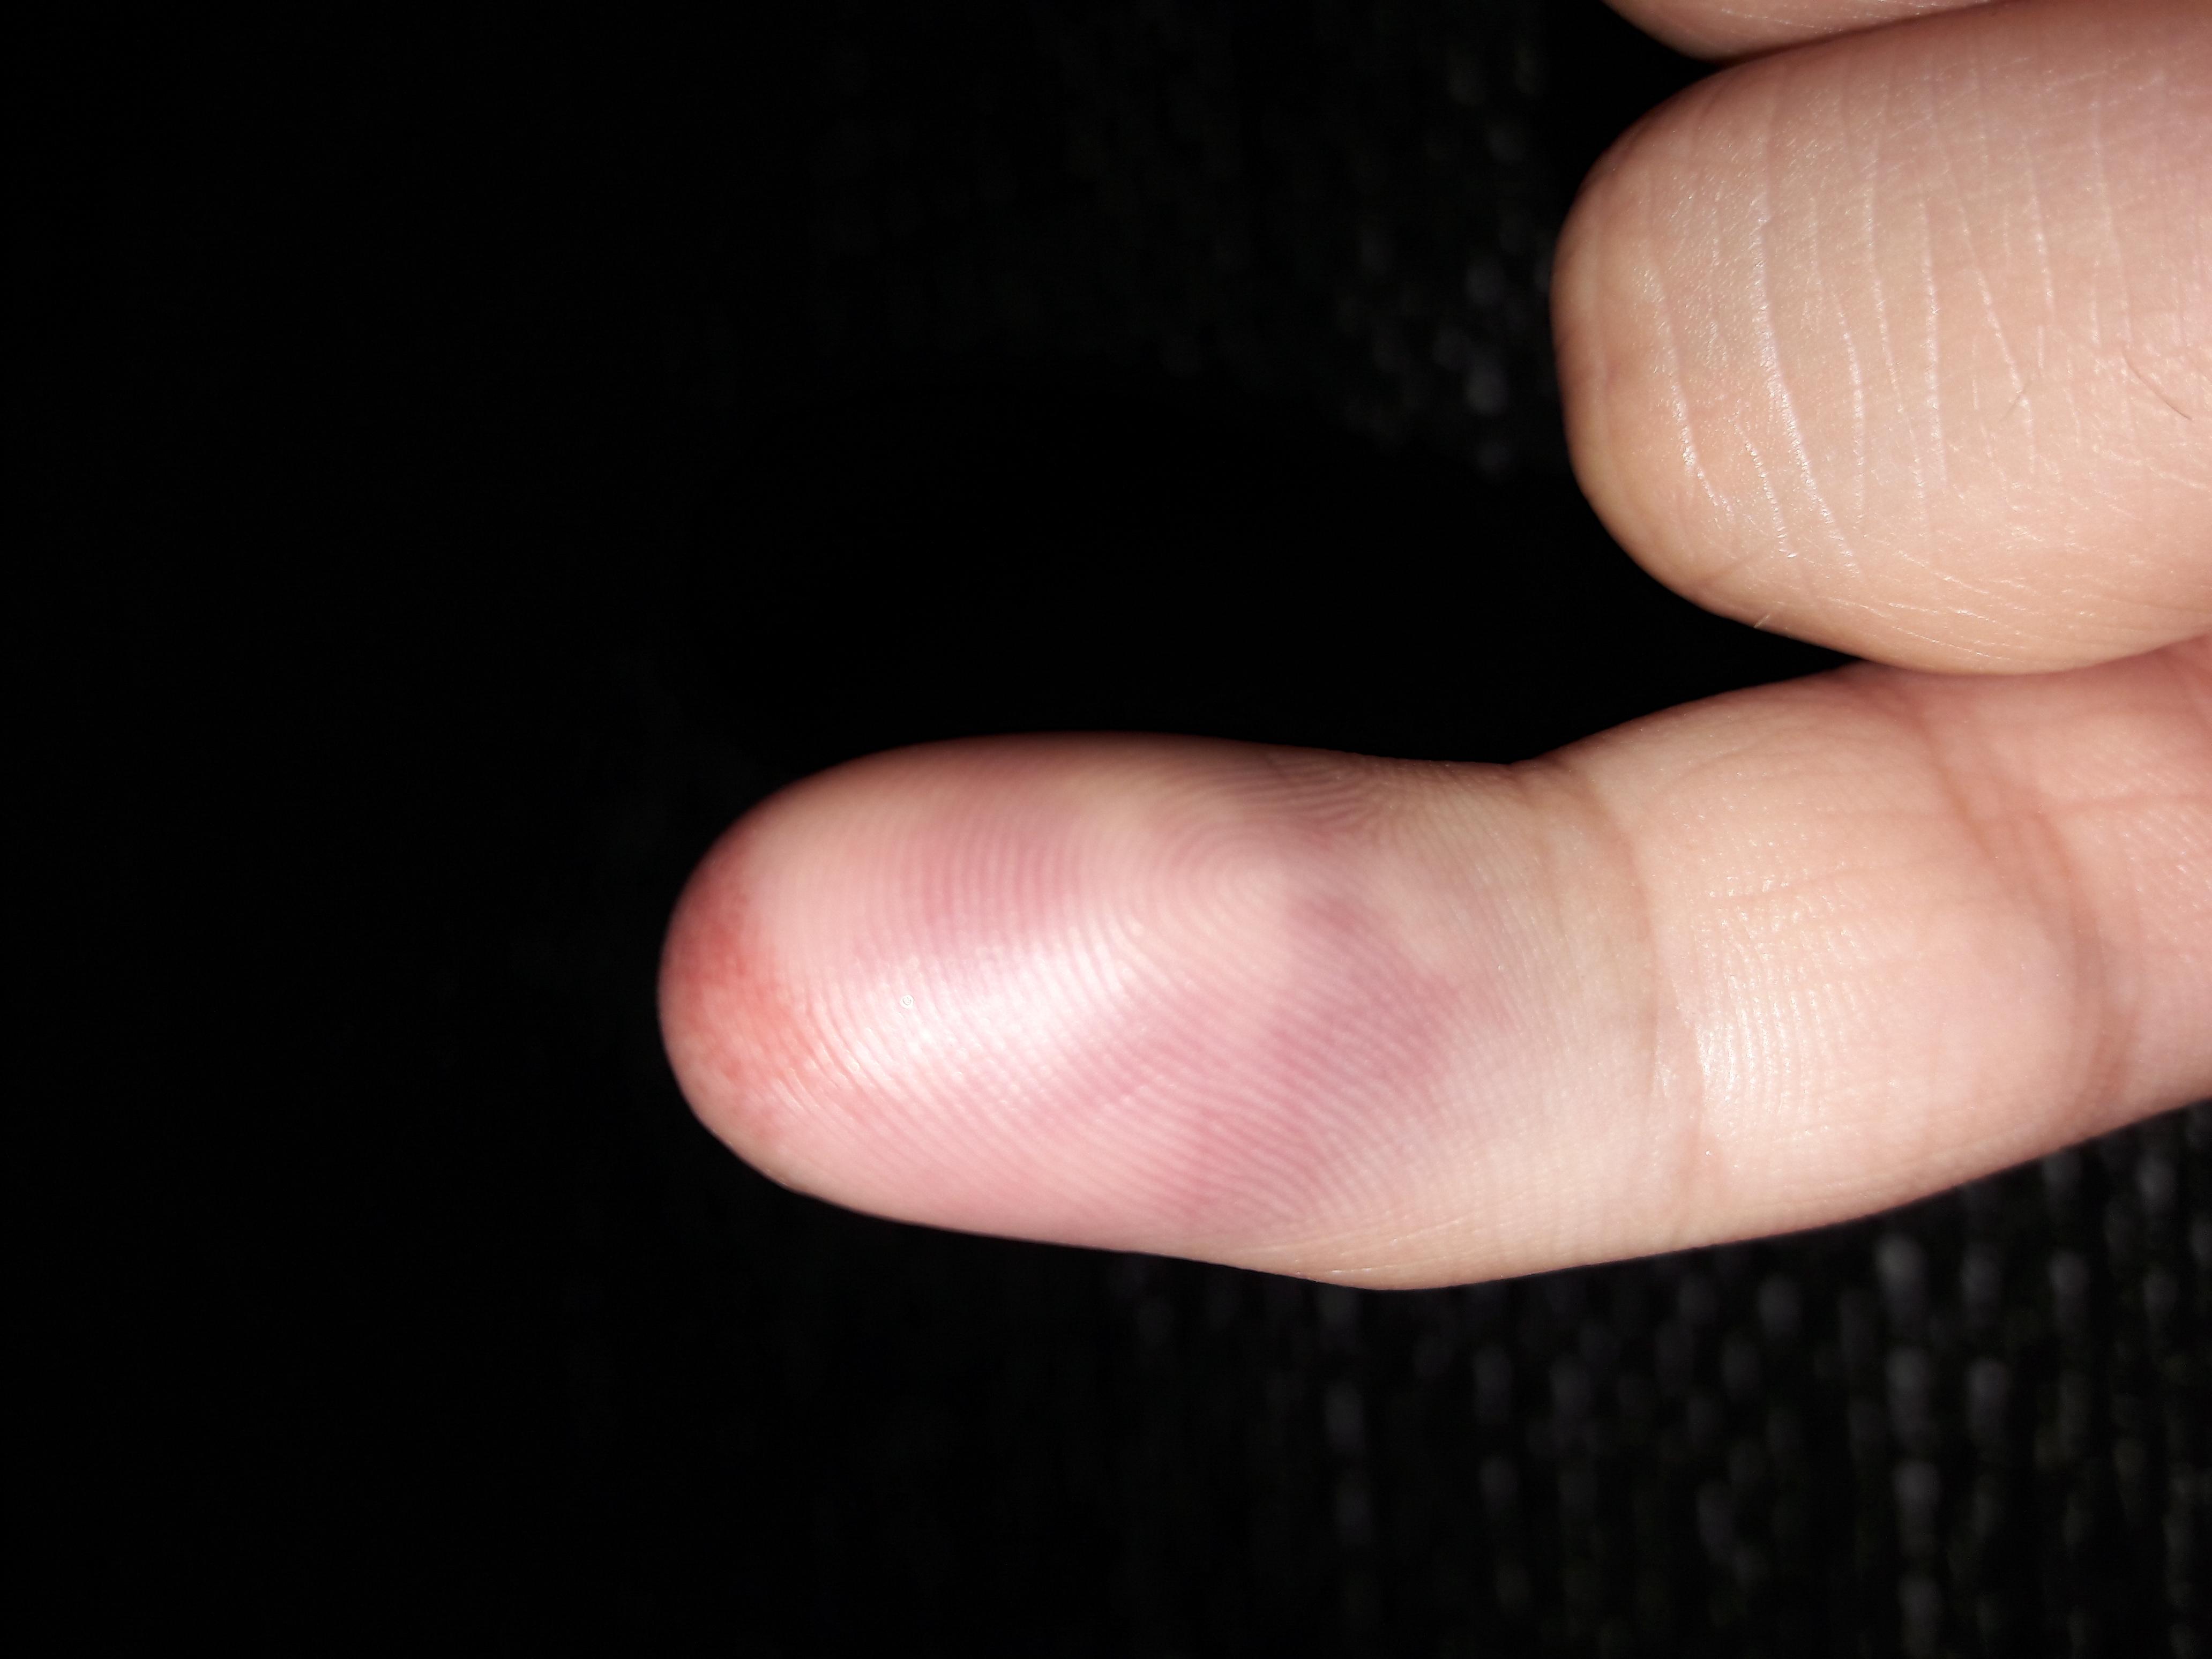 Wird dieser Nagel abfallen? (Medizin, Verletzung, Nägel)